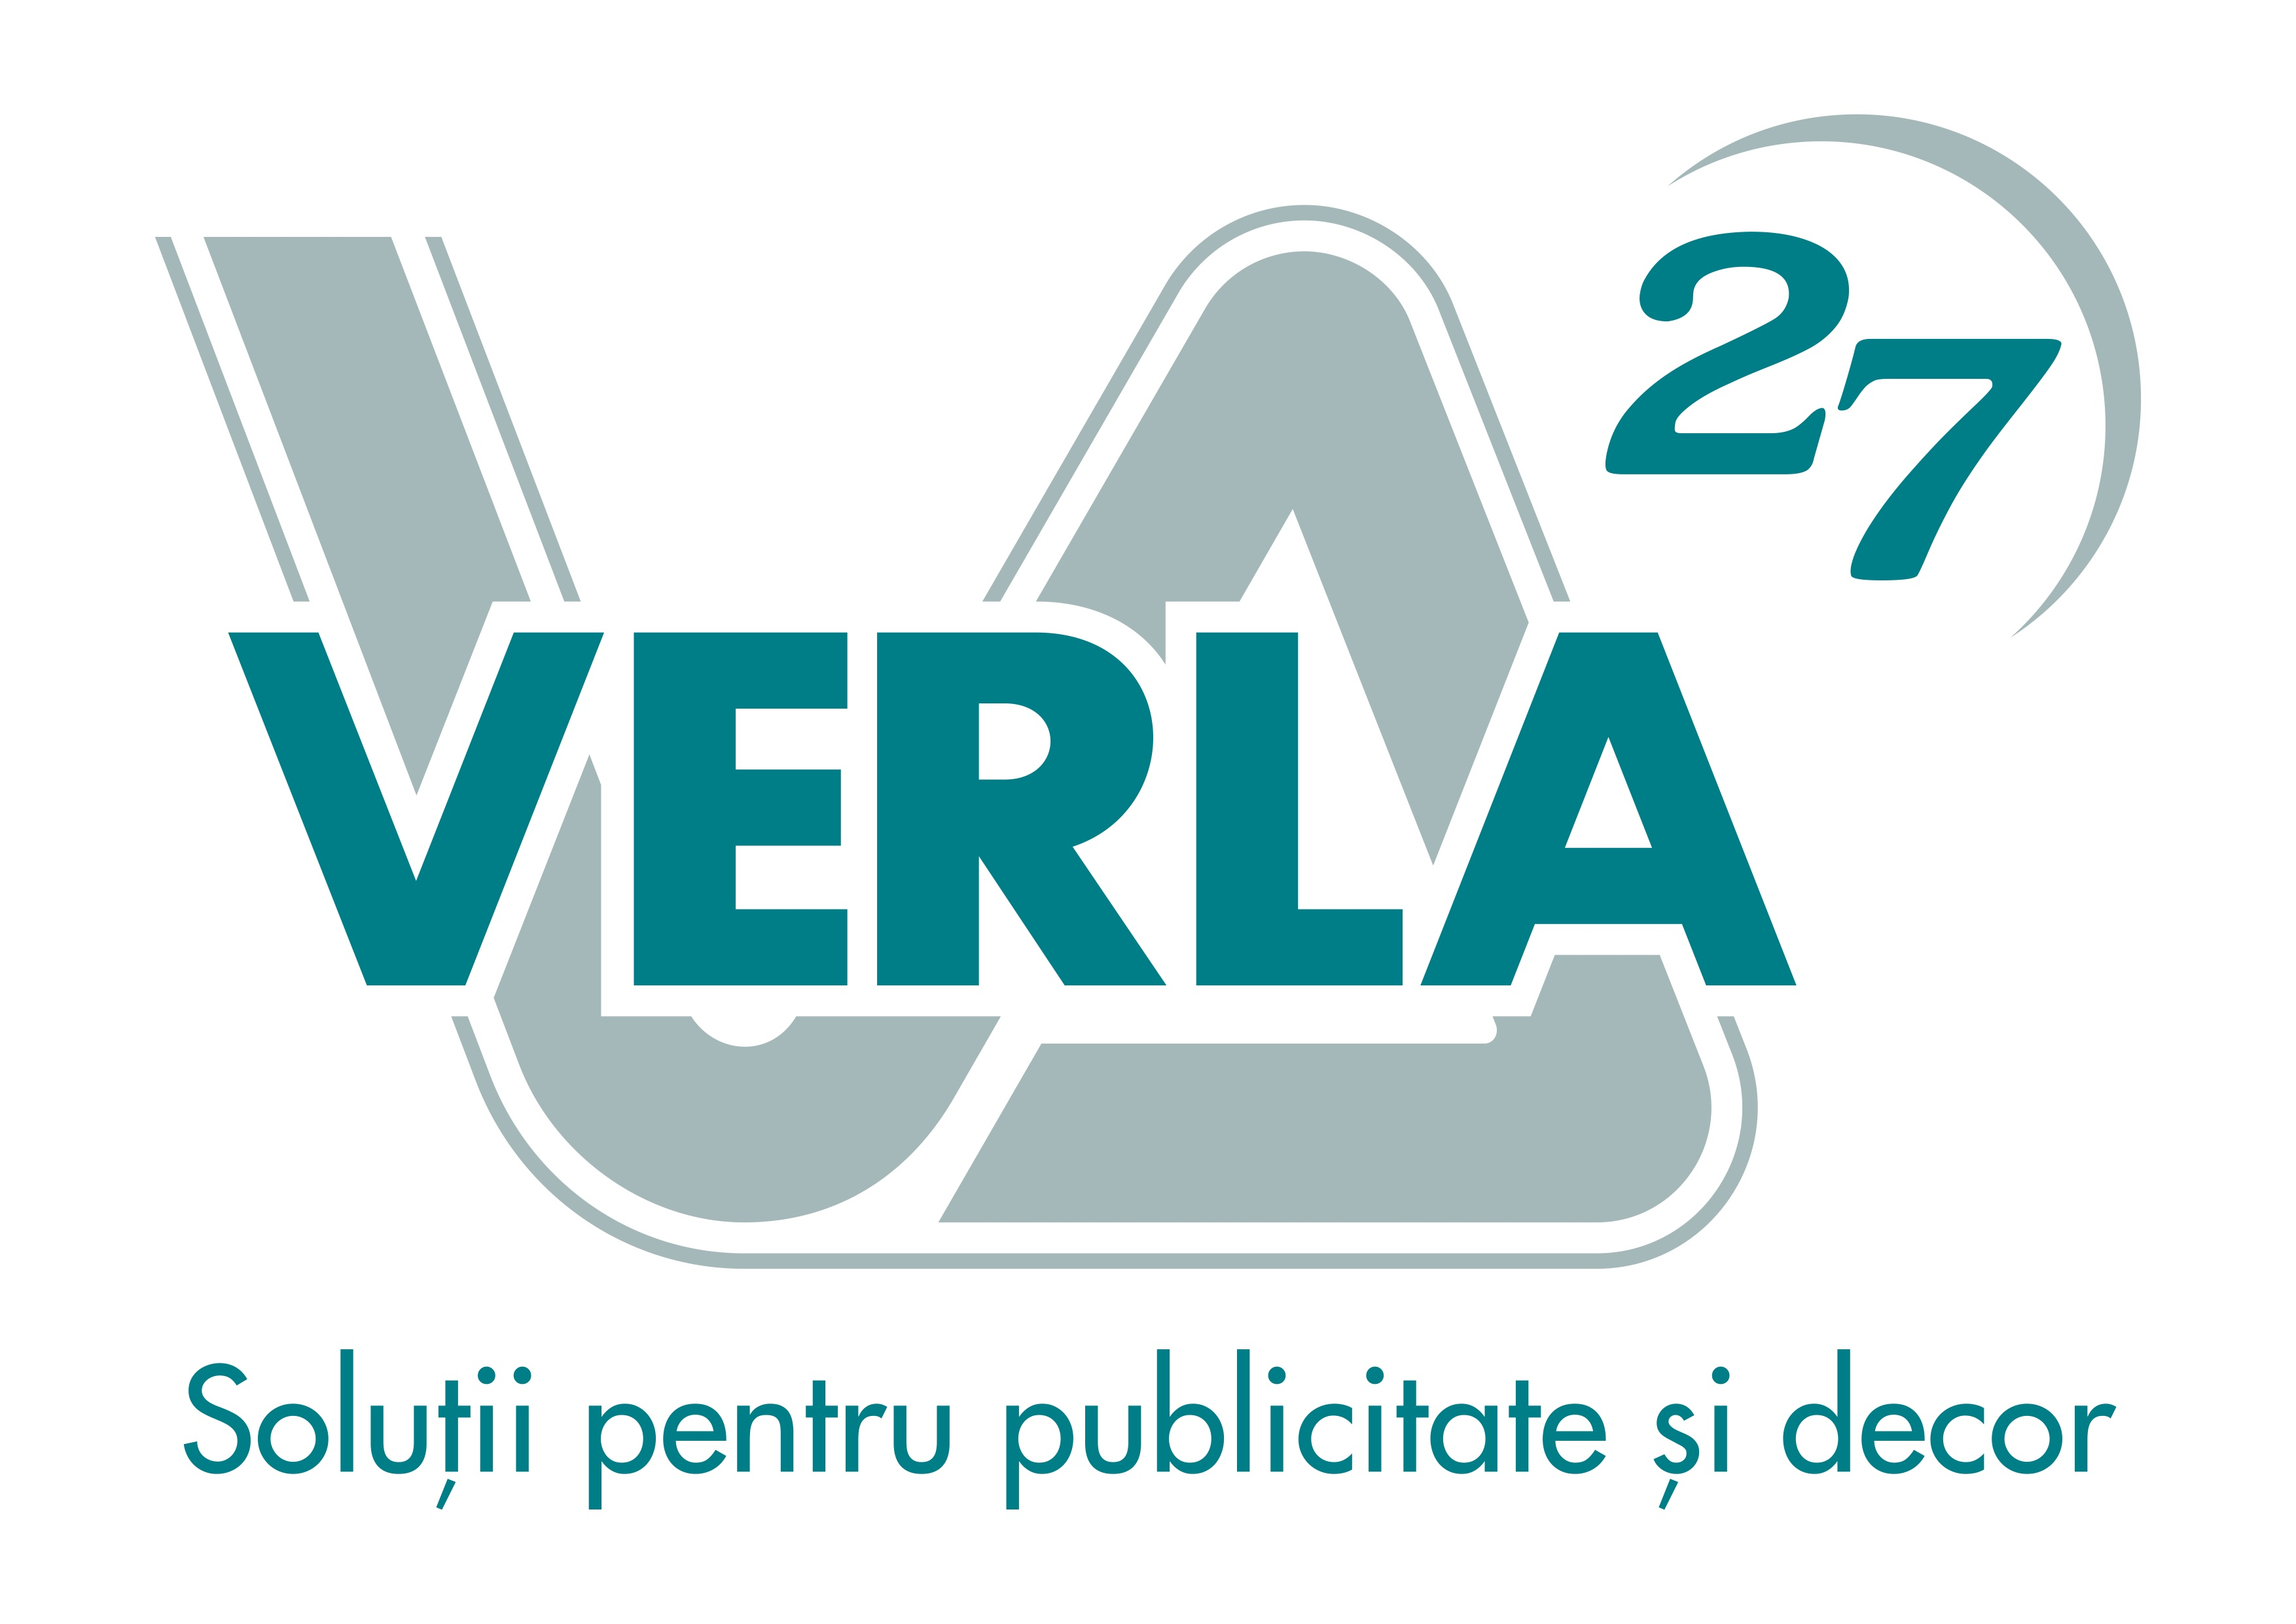 VERLA SRL